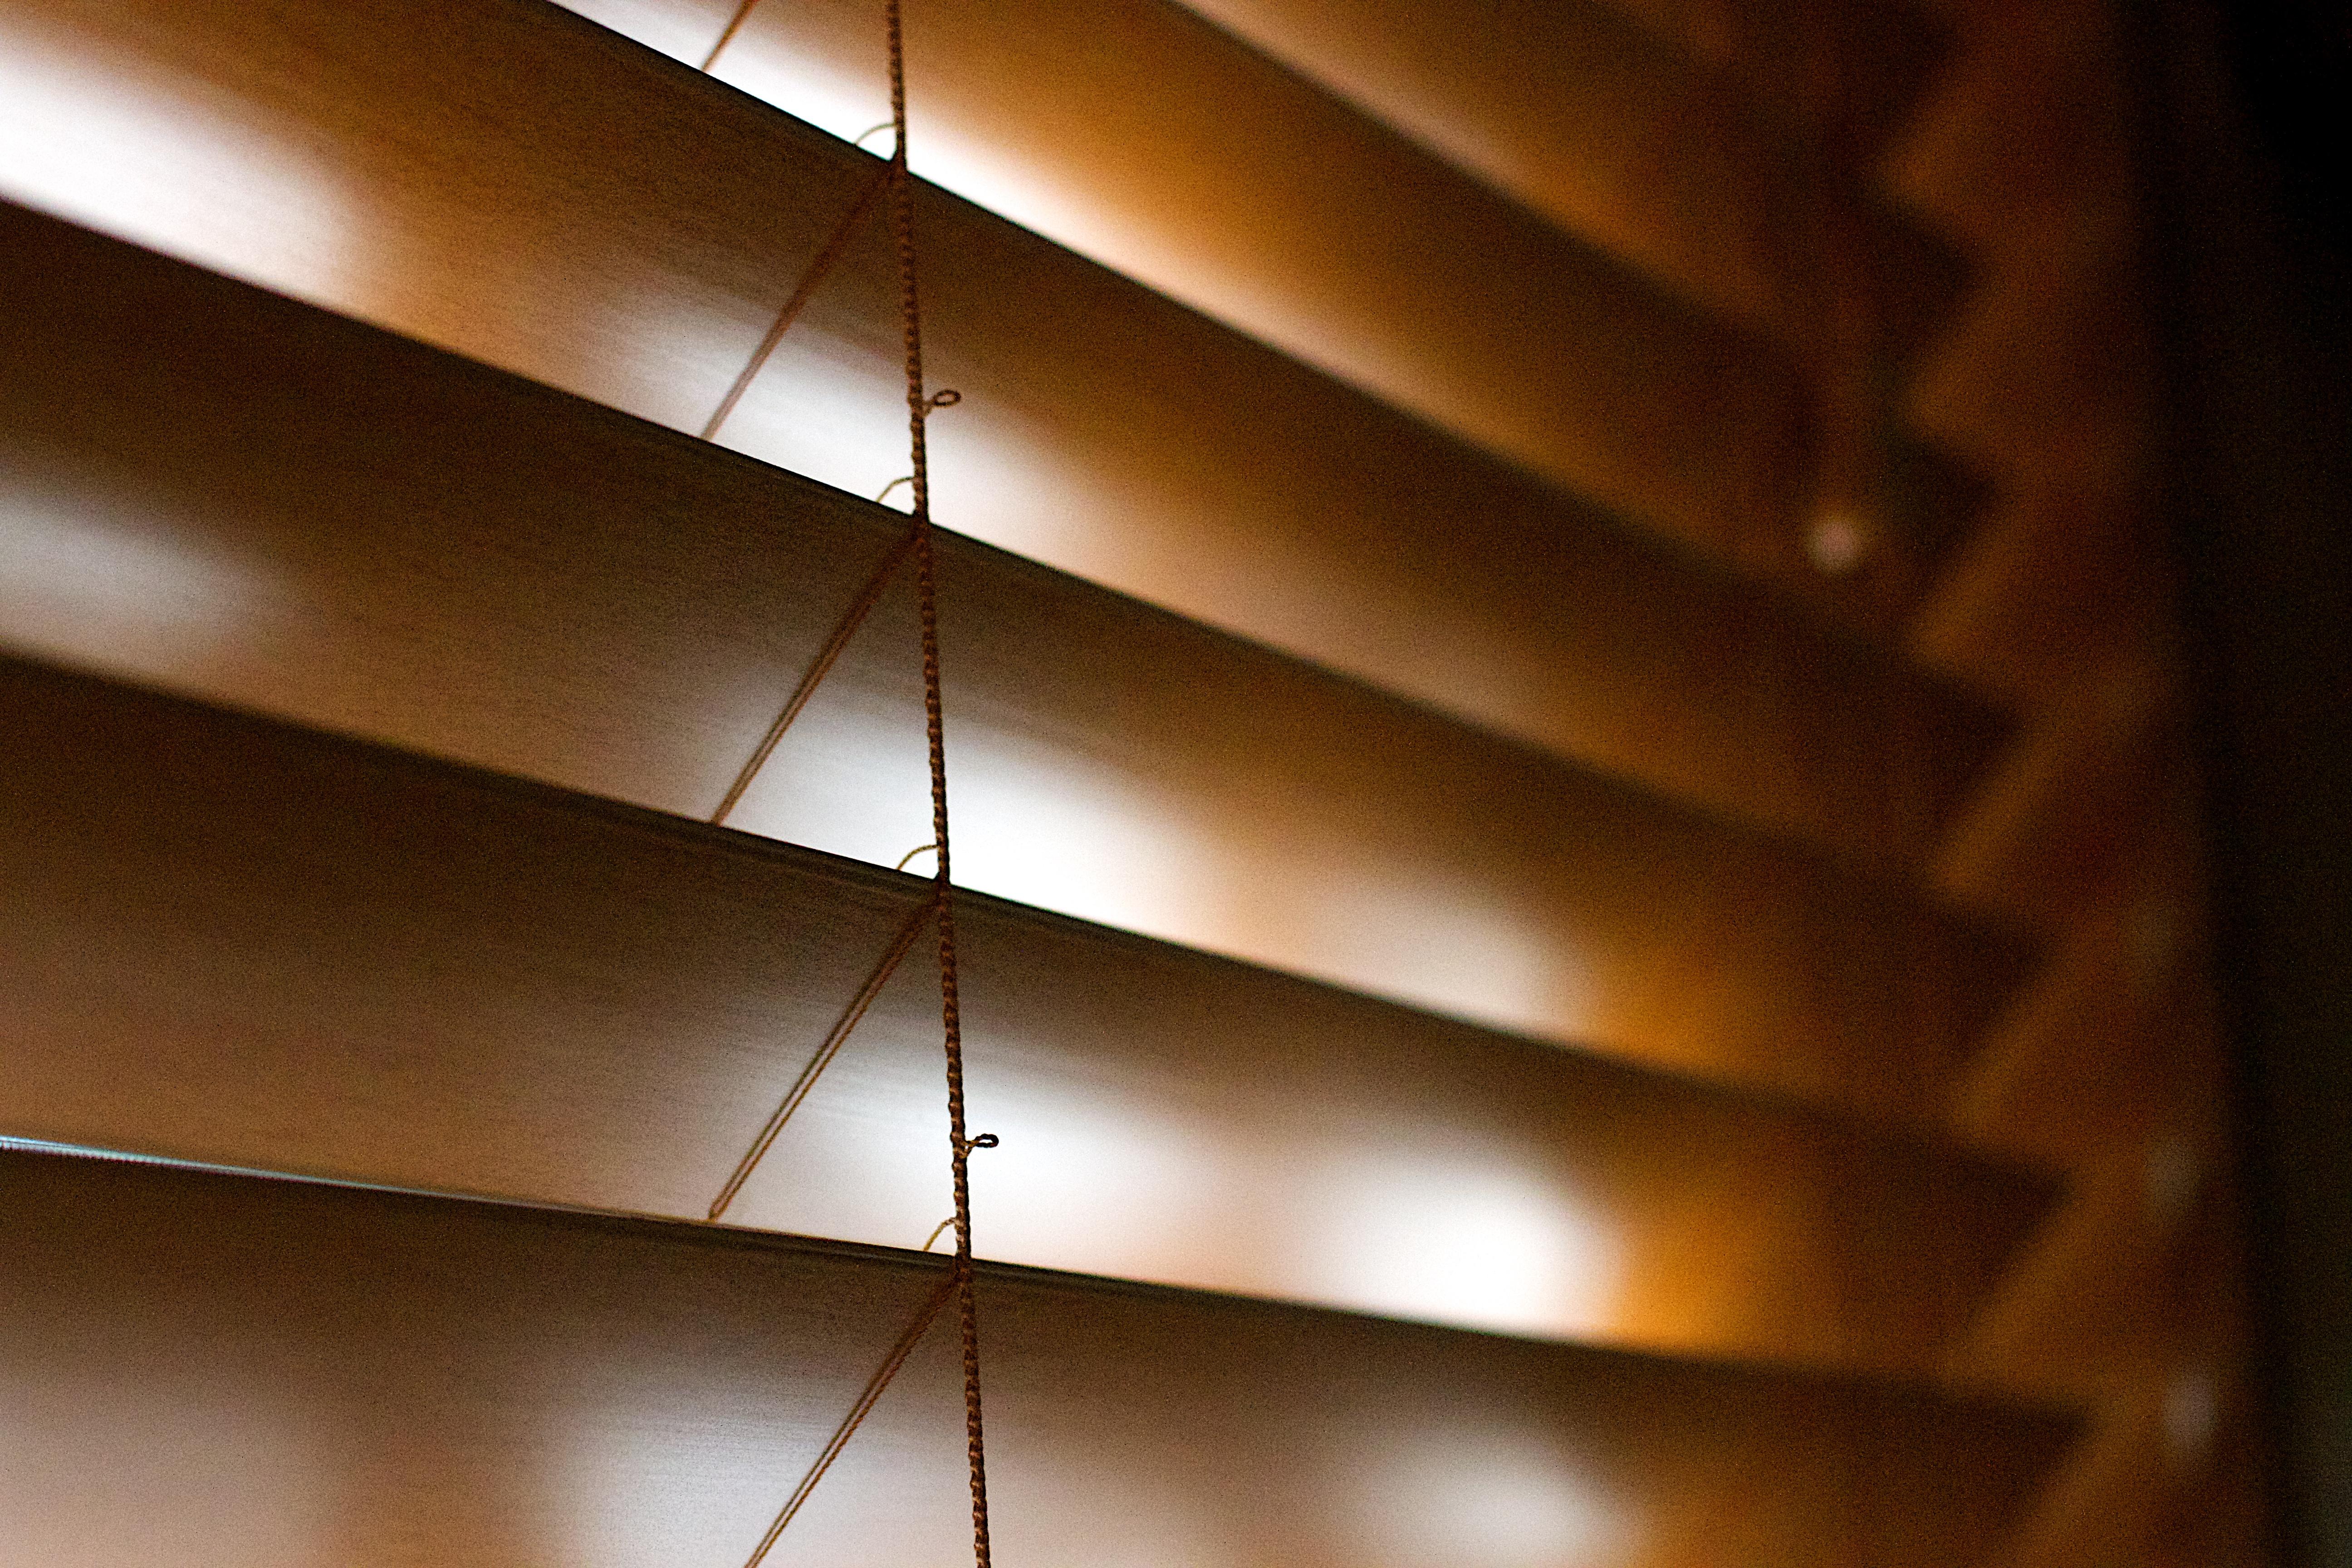 무료 이미지 : 빛, 목재, 바닥, 벽, 천장, 선, 조명, 인테리어 ...